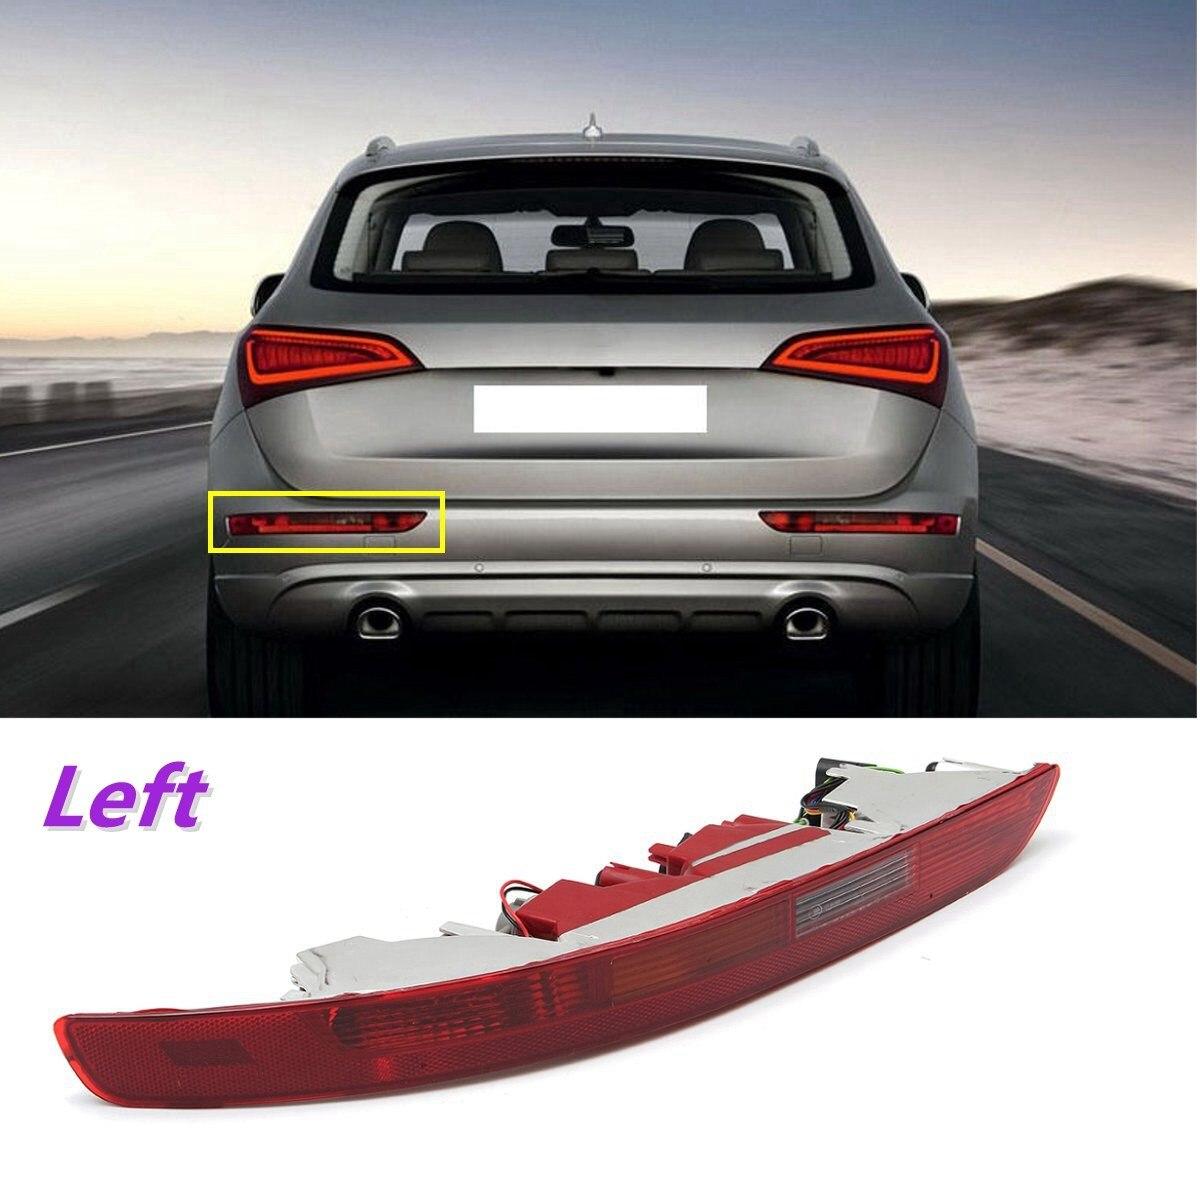 Rear Left Side Brake Parking Warning Fog Tail Light Lamp Bumper Cover For Audi Q5 2.0T 2009-2015 #8R0 945 095 B<br>